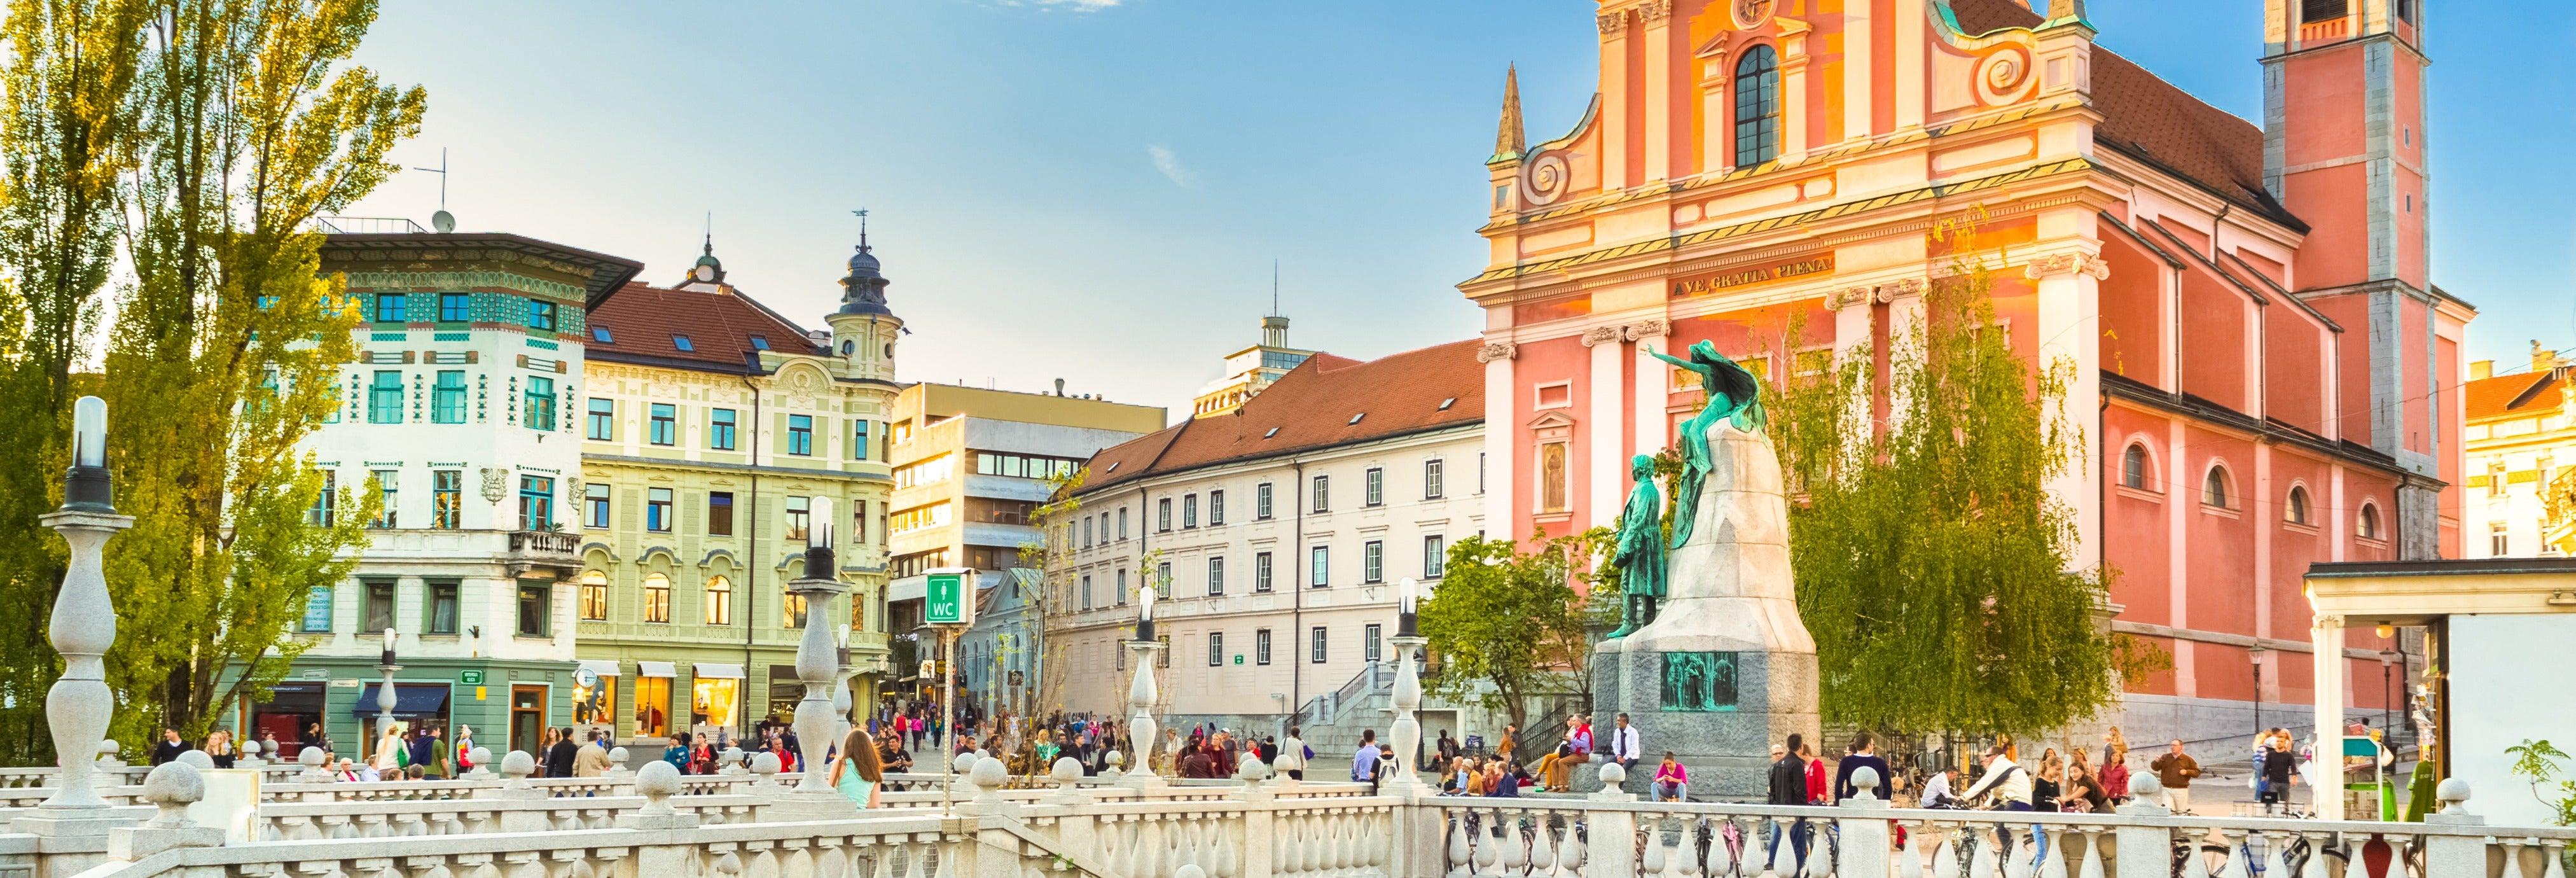 Excursión a Liubliana